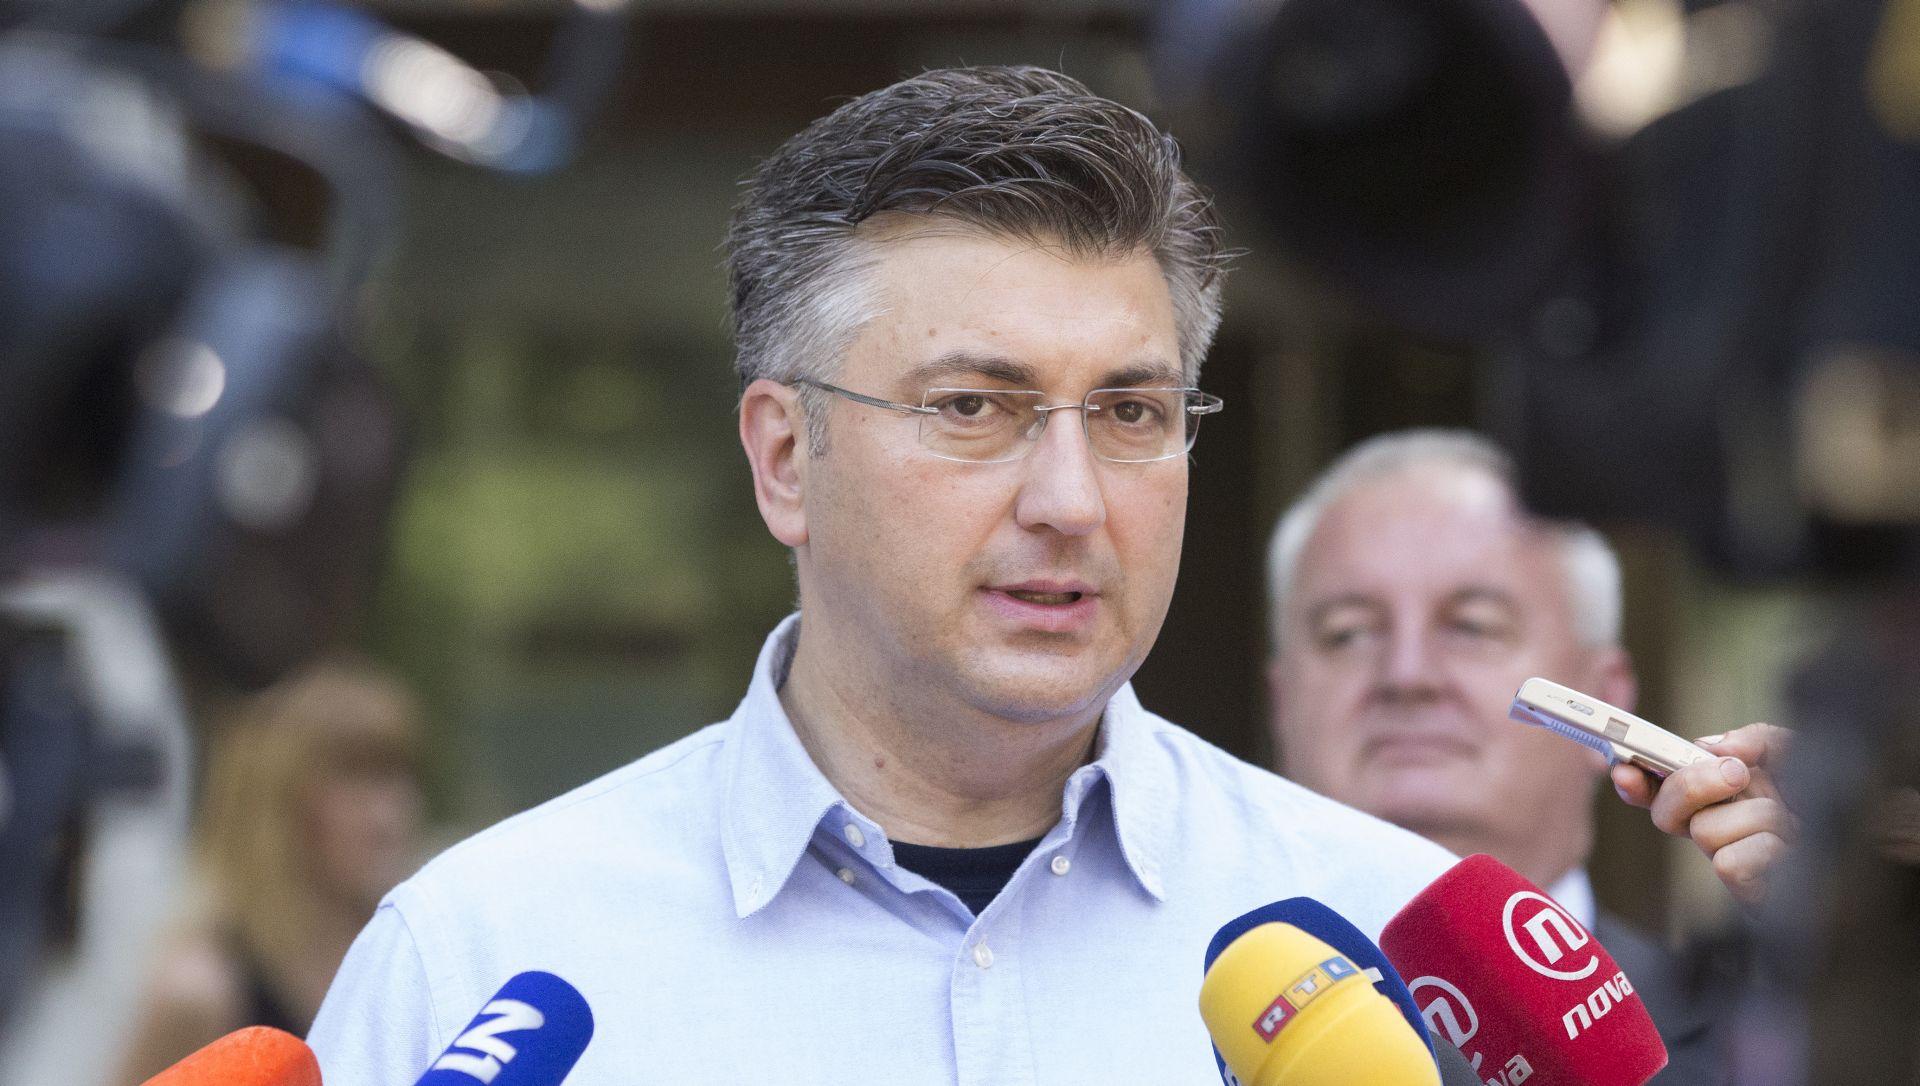 Skupljeno 30.000 potpisa za bolesnu djecu u Klaićevoj